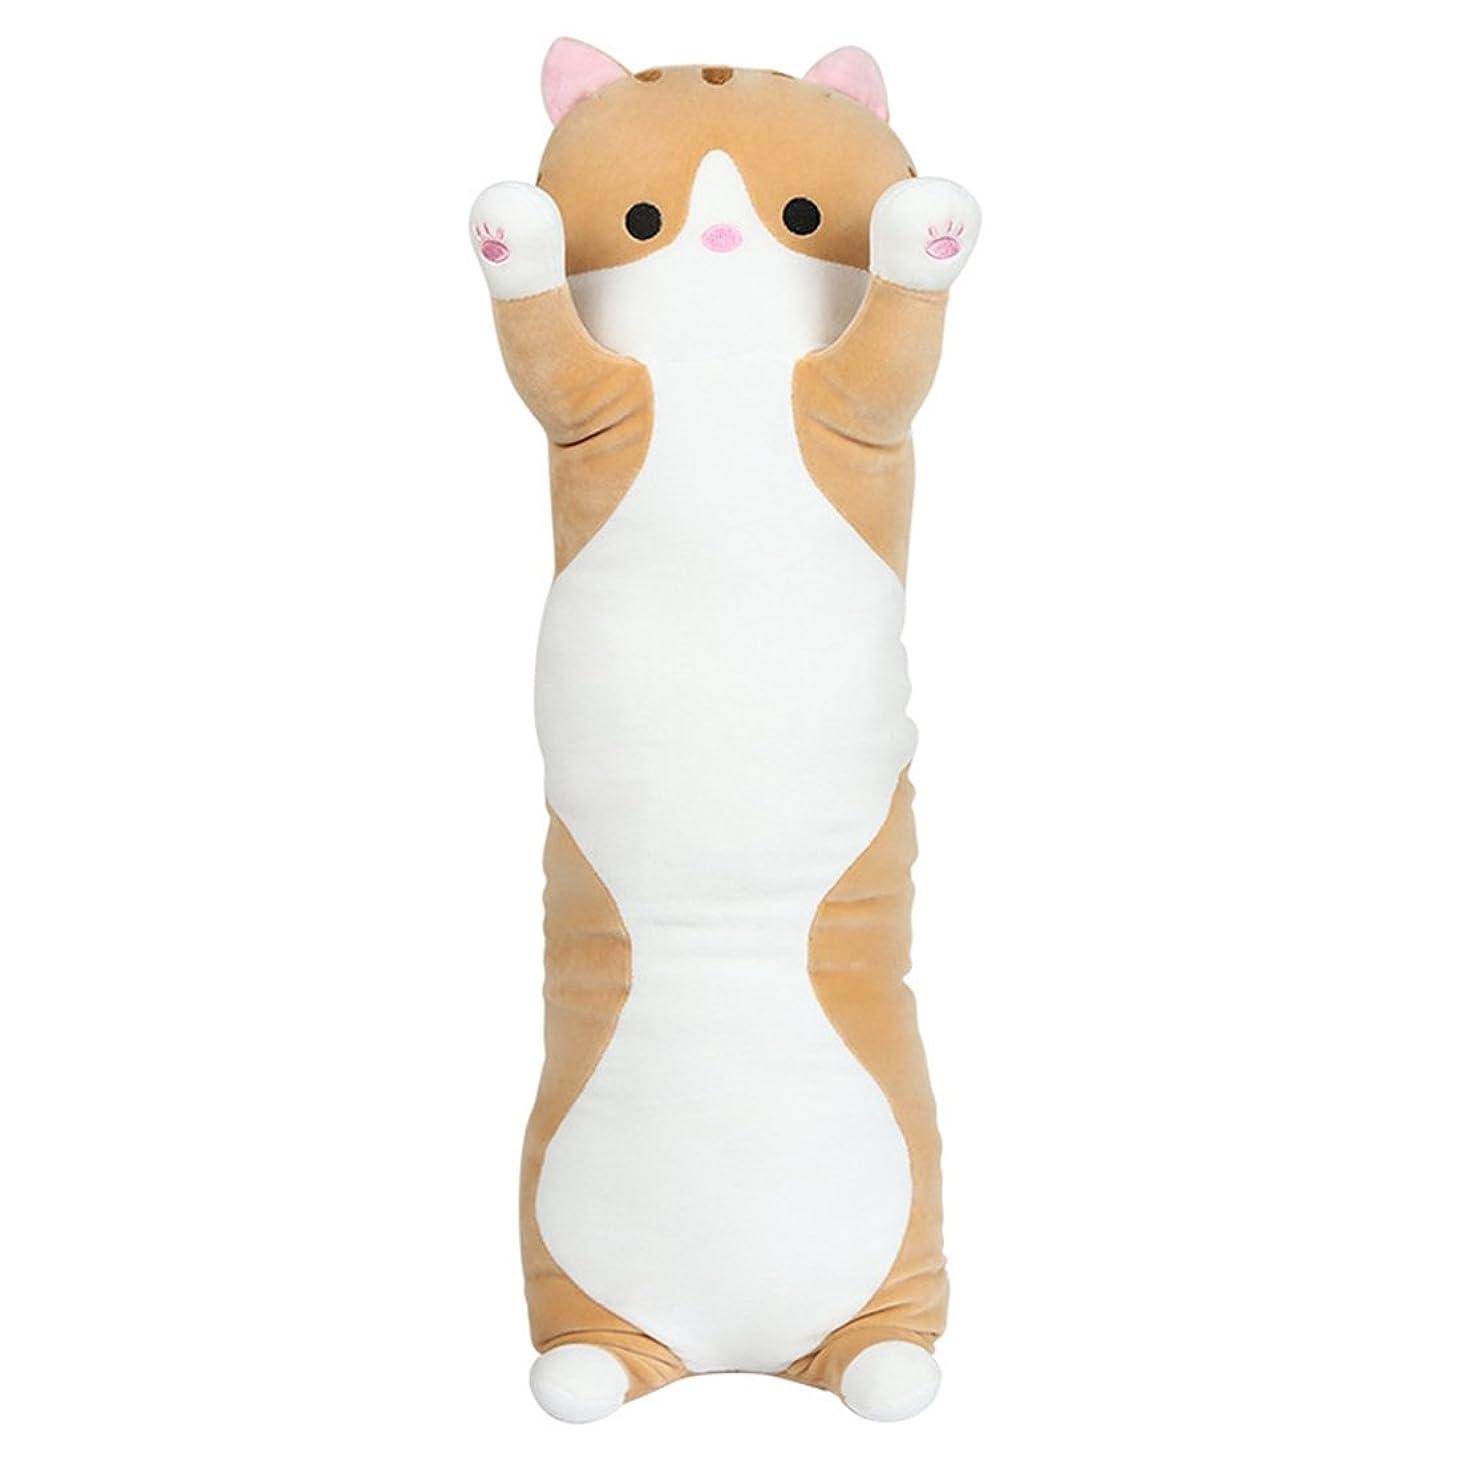 ウェブ抑制する粉砕する[XINXIKEJI]ぬいぐるみ 猫 可愛い 抱き枕 プレゼント 特大 動物 大きい 猫ぬいぐるみ おもちゃ 豚 猫縫い包み お祝い ふわふわ 子供 お誕生日 お人形 女の子 女性 赤ちゃん 贈り物 彼女 萌え イエロー 110CM